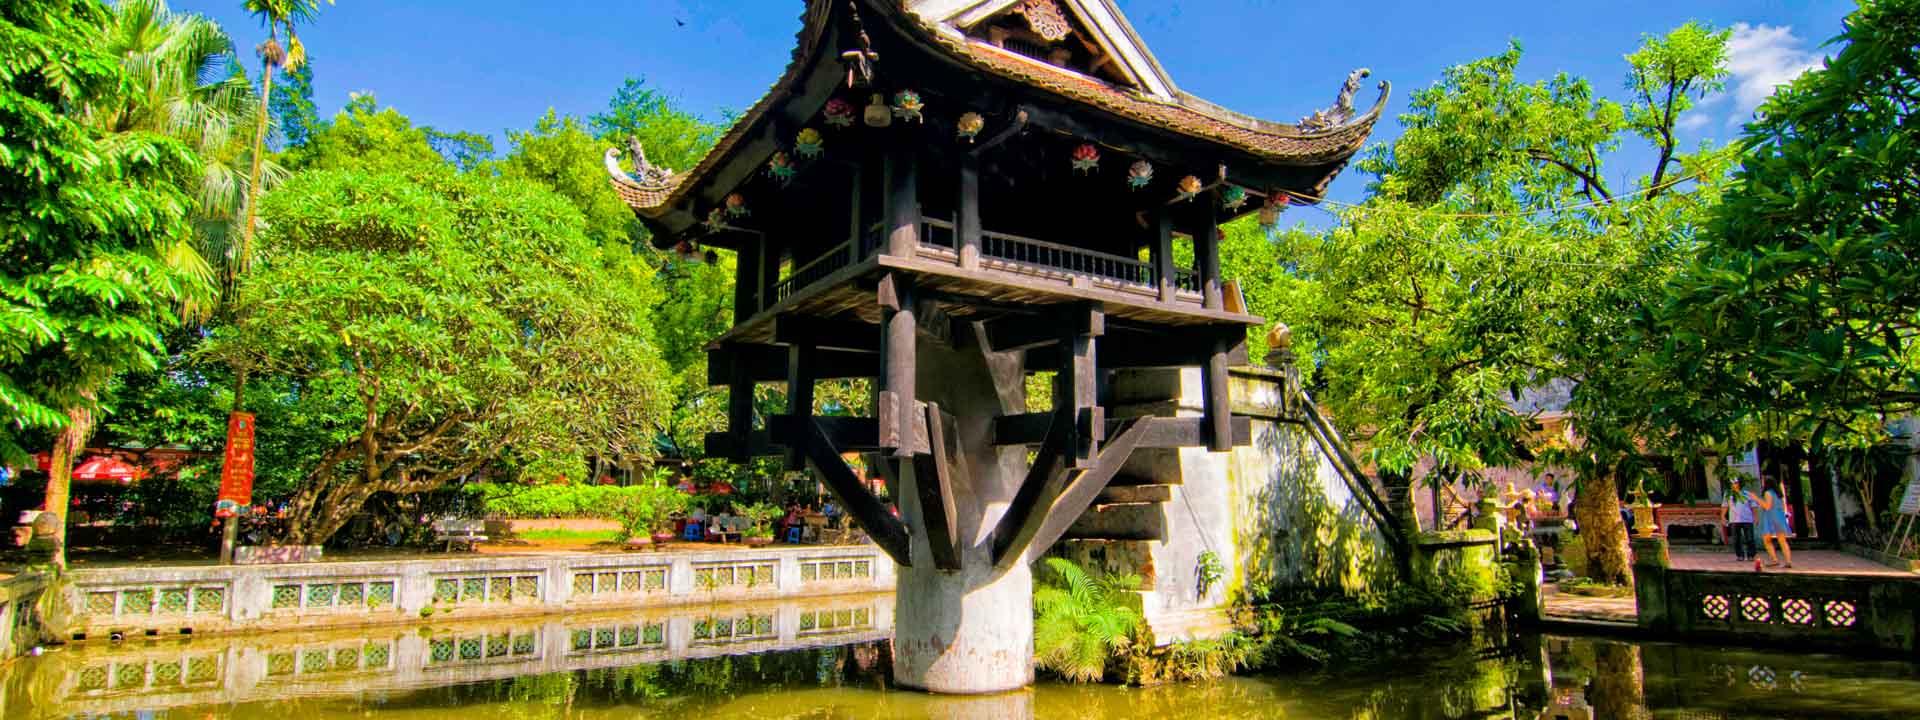 Treasures of Vietnam Cambodia Laos Tour 12 days